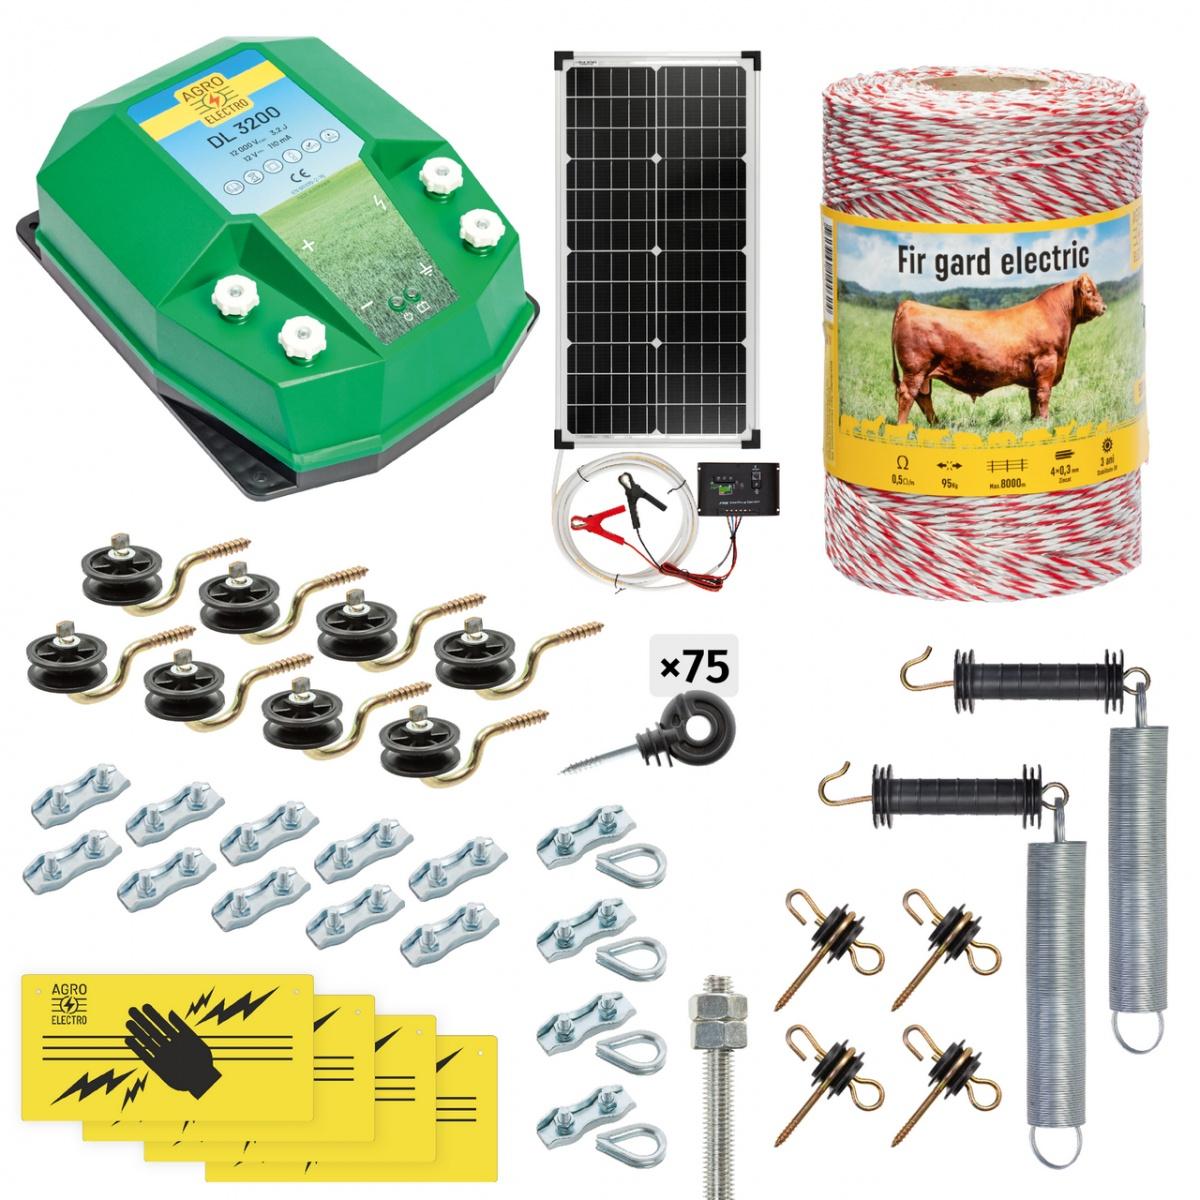 Pachet gard electric complet 500m, 3,2Joule, cu sistem solar, pentru animale domestice